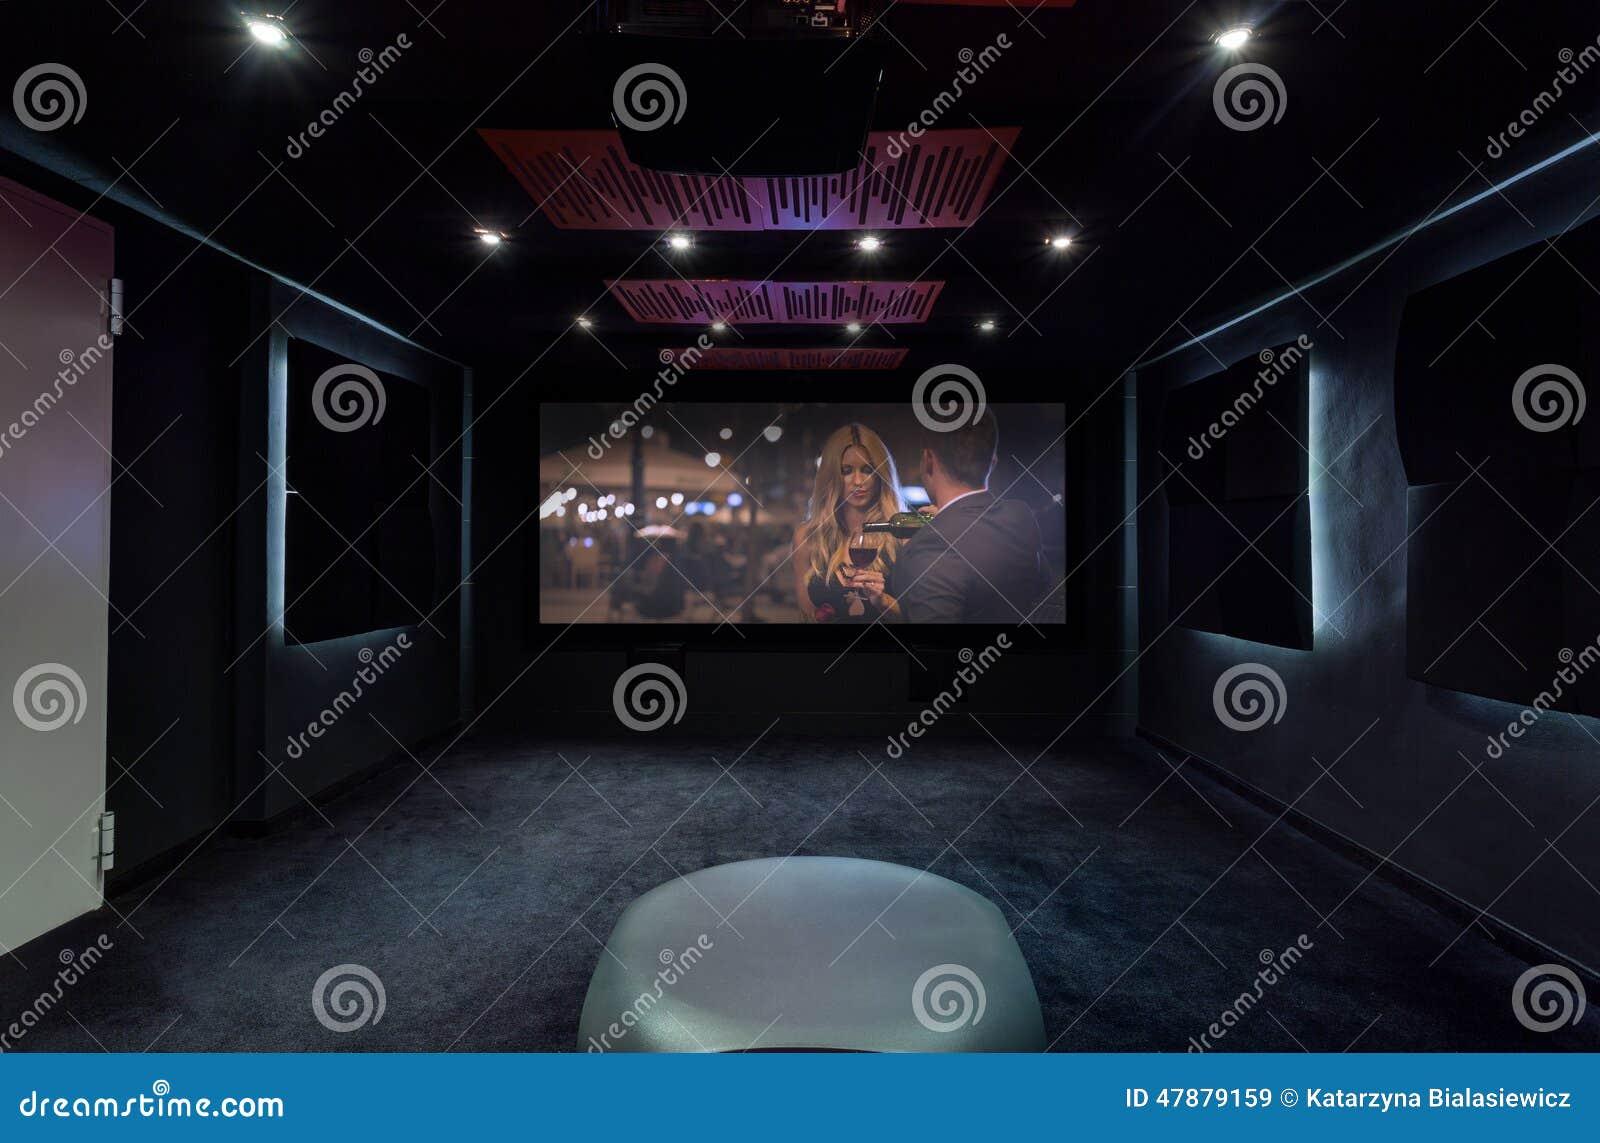 Cin ma priv la maison image stock image du int rieur 47879159 - Cinema a la maison ...